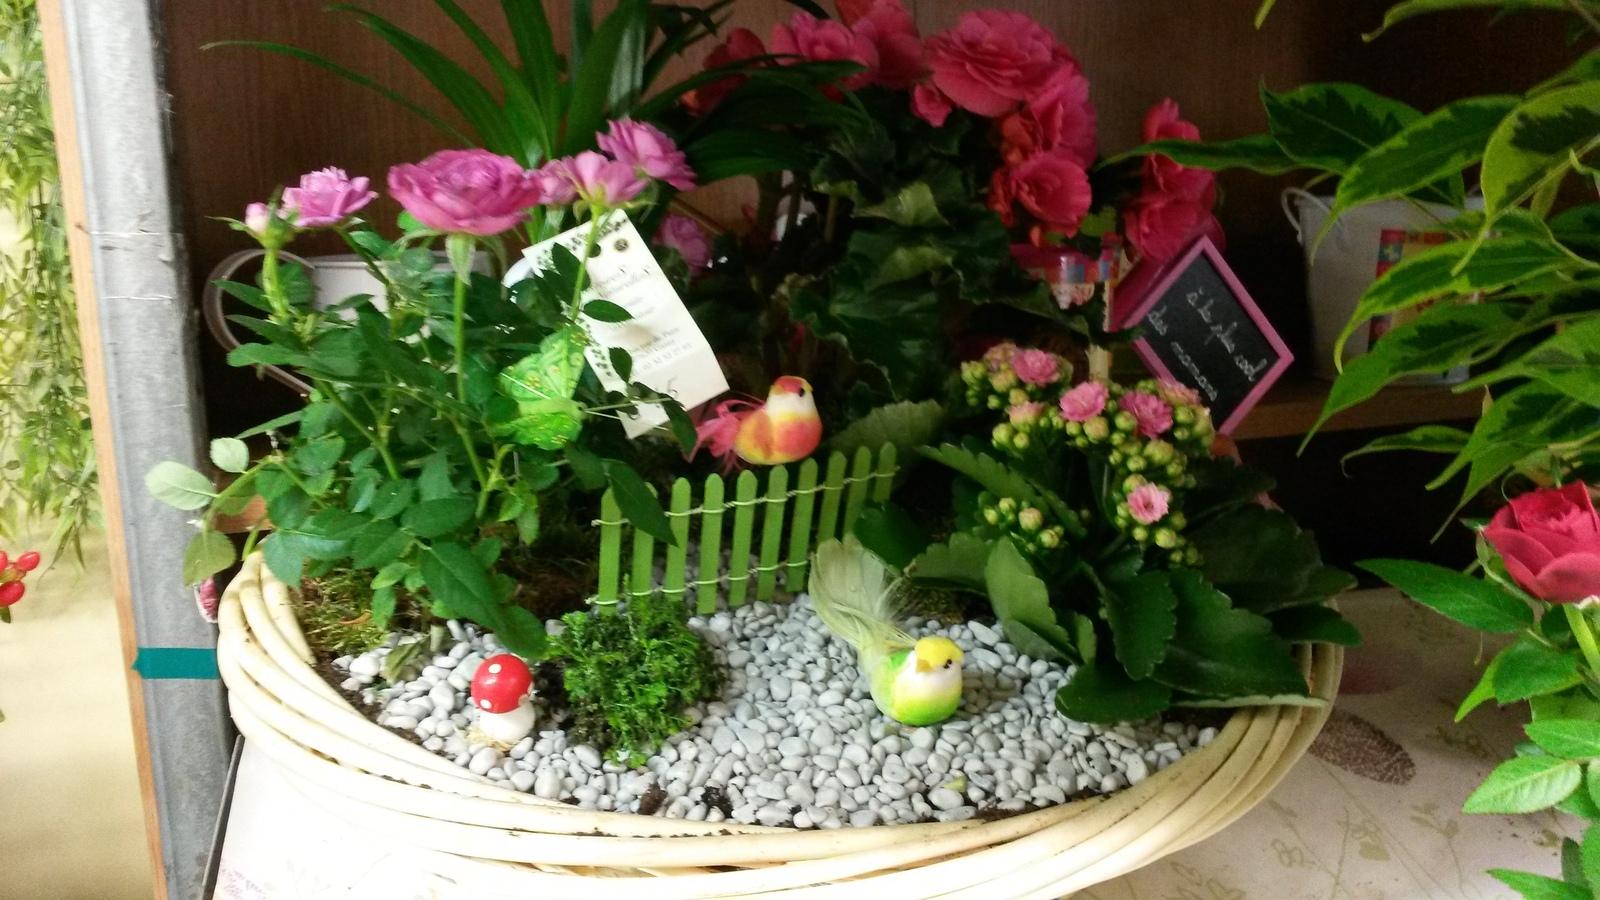 Composition plantes gasny plante d 39 int rieur et d for Fushia plante interieur ou exterieur